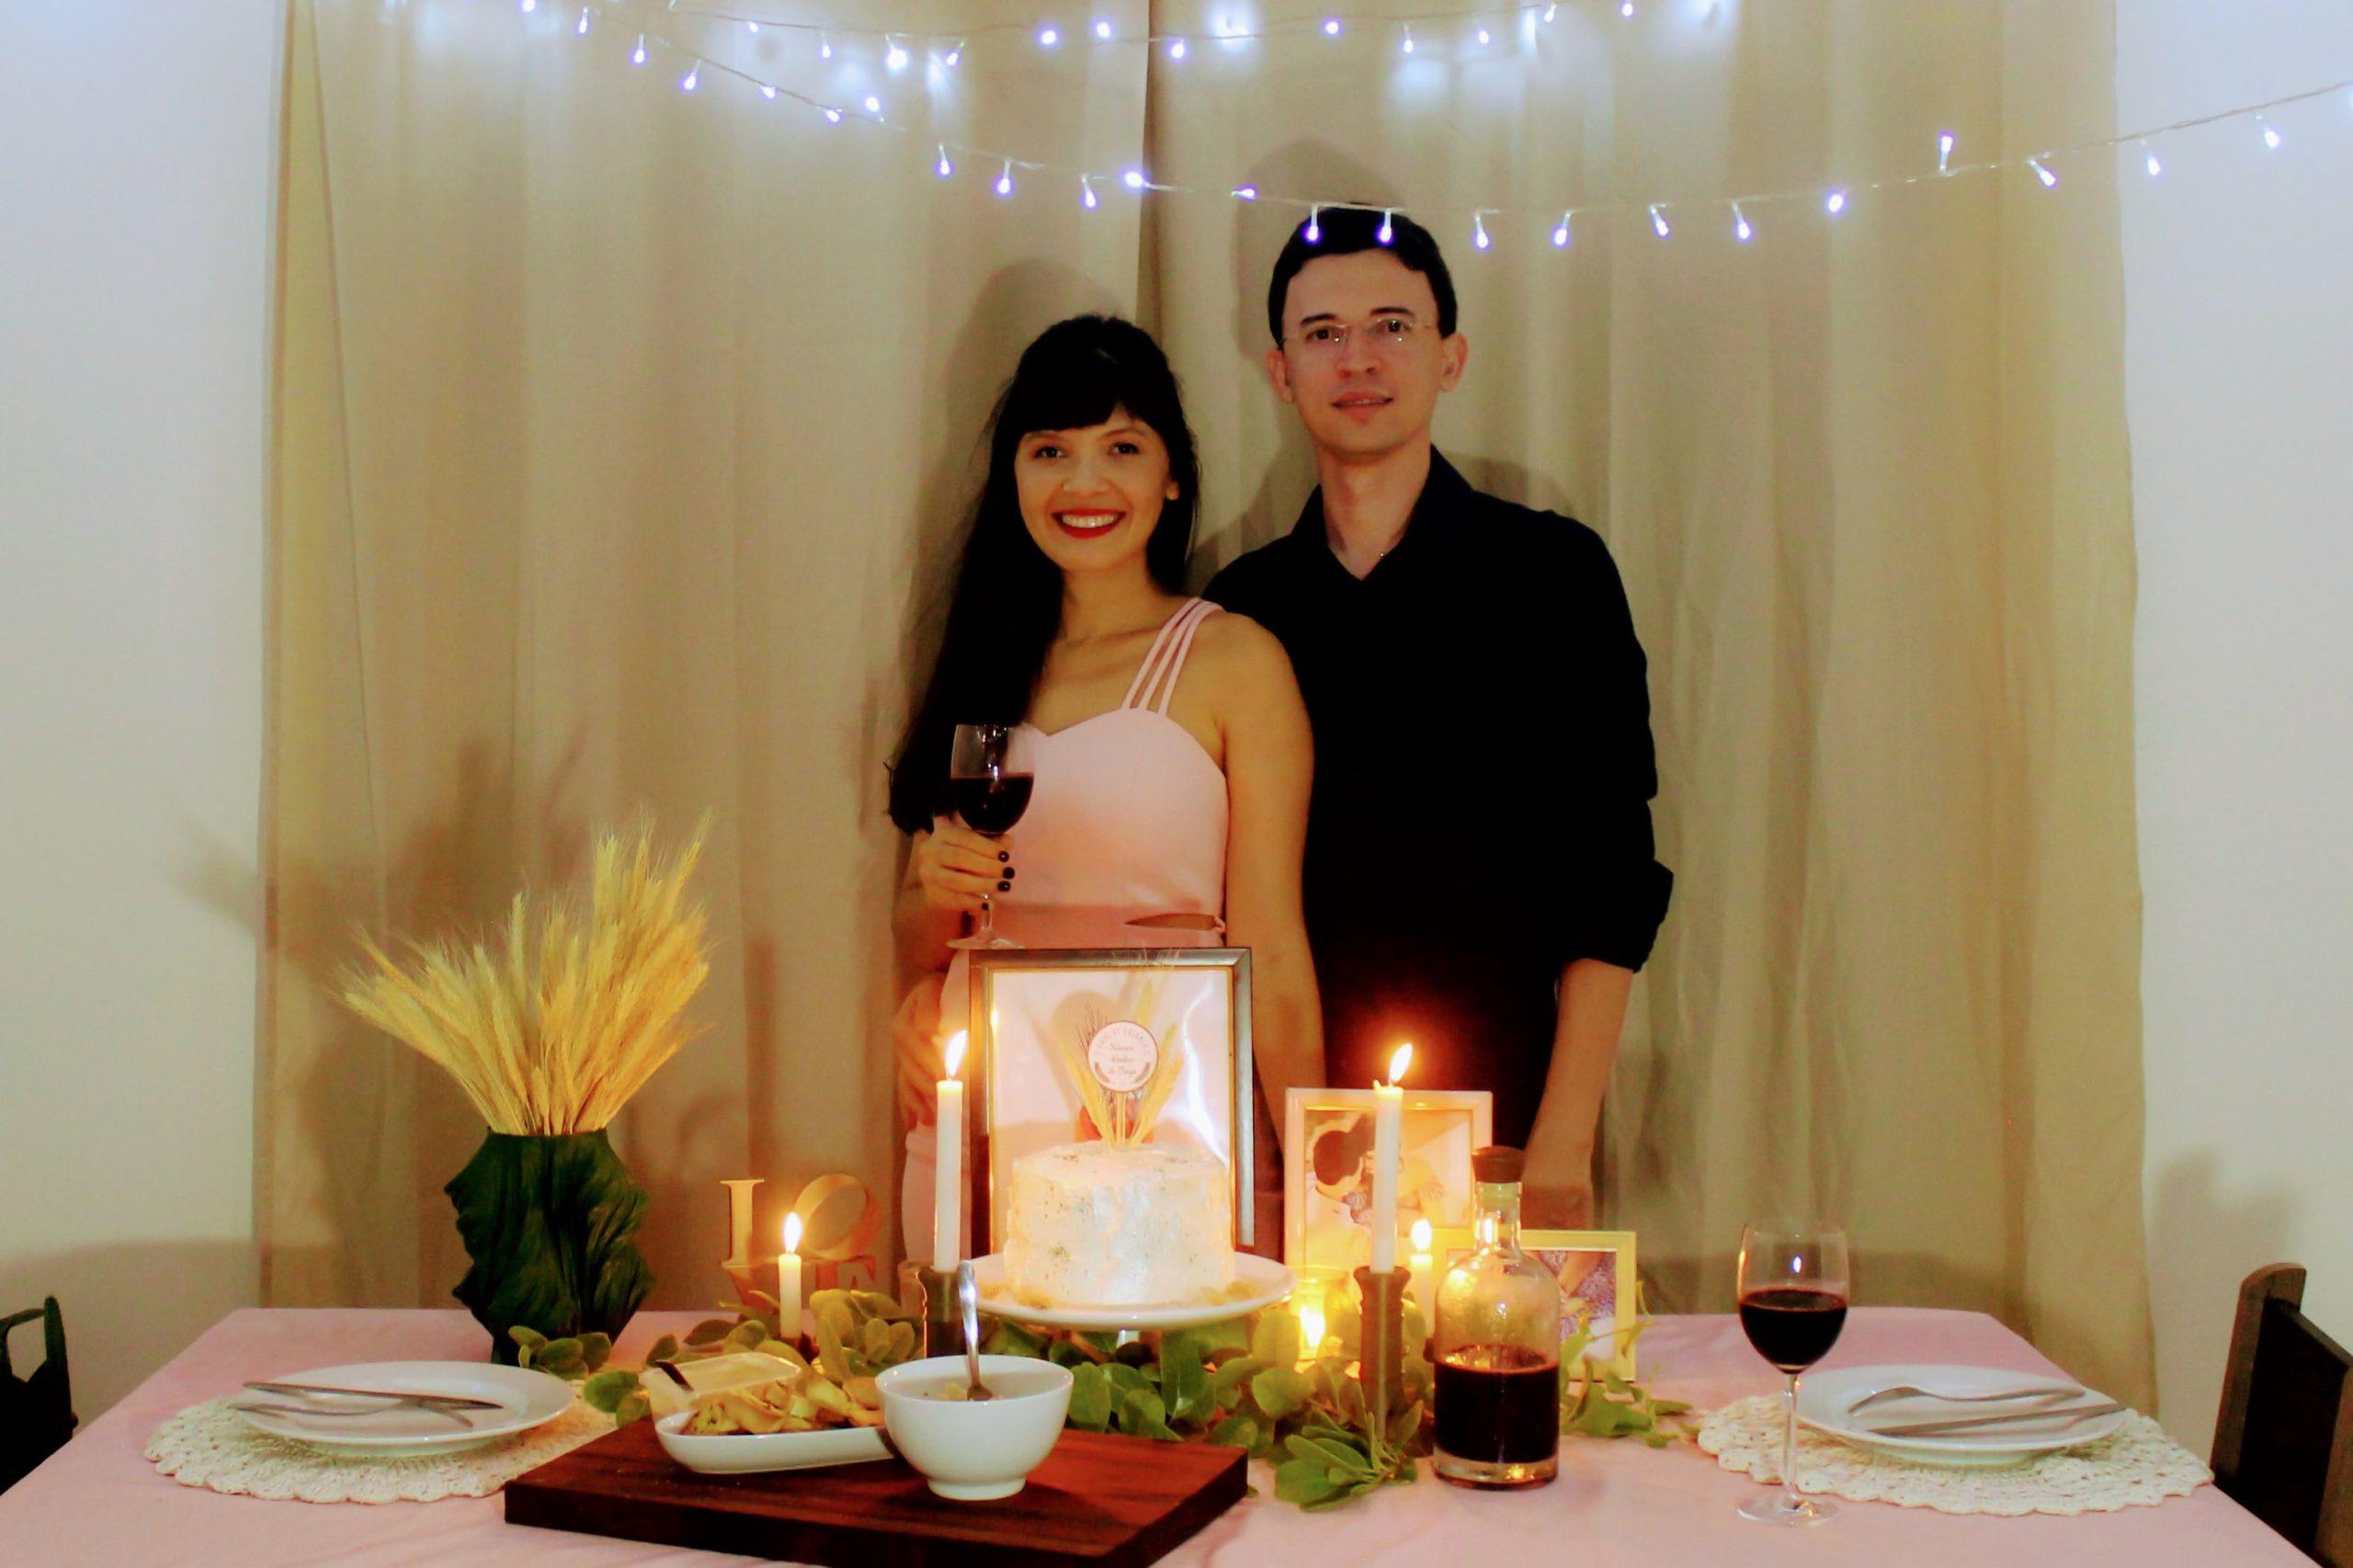 jantar romantico bodas